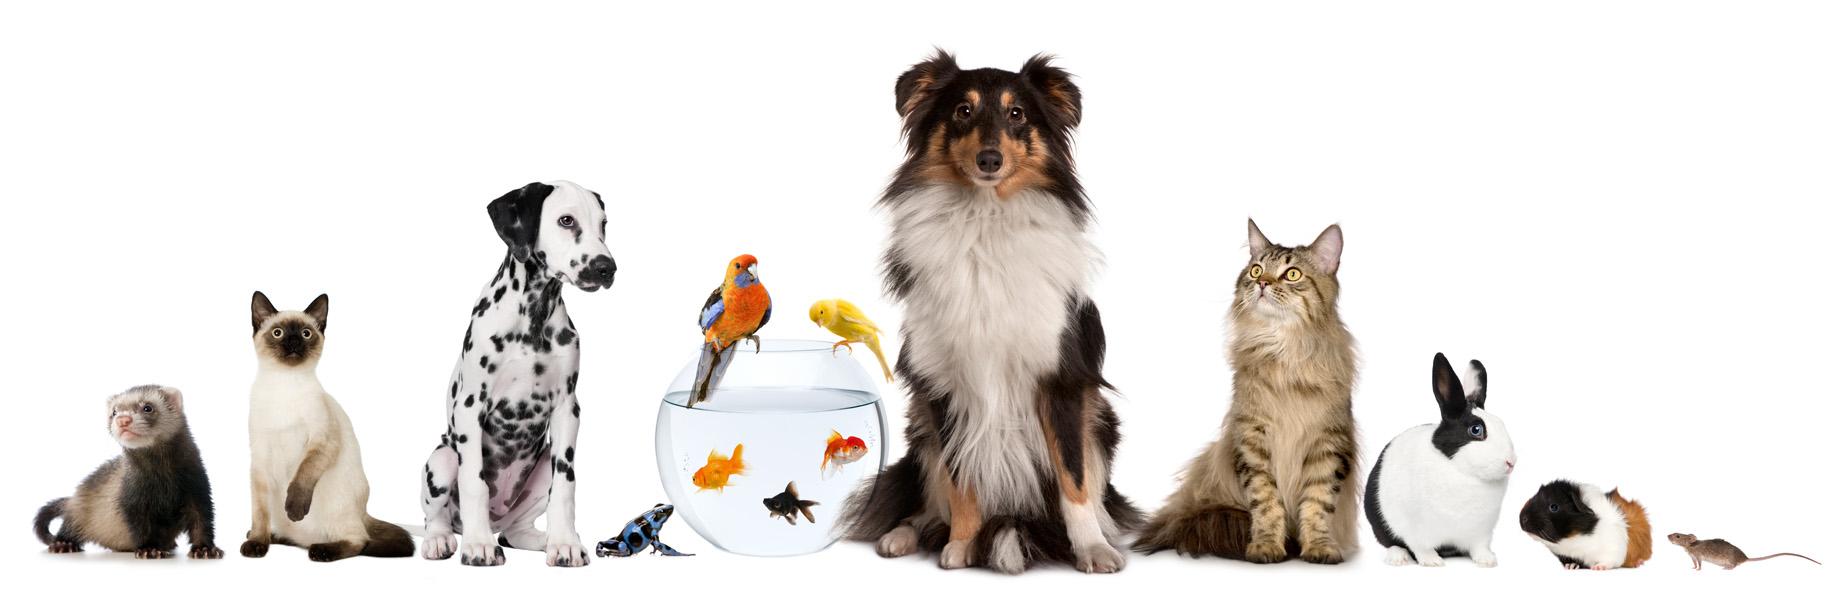 картинки животных для визитки голландка, одна самых